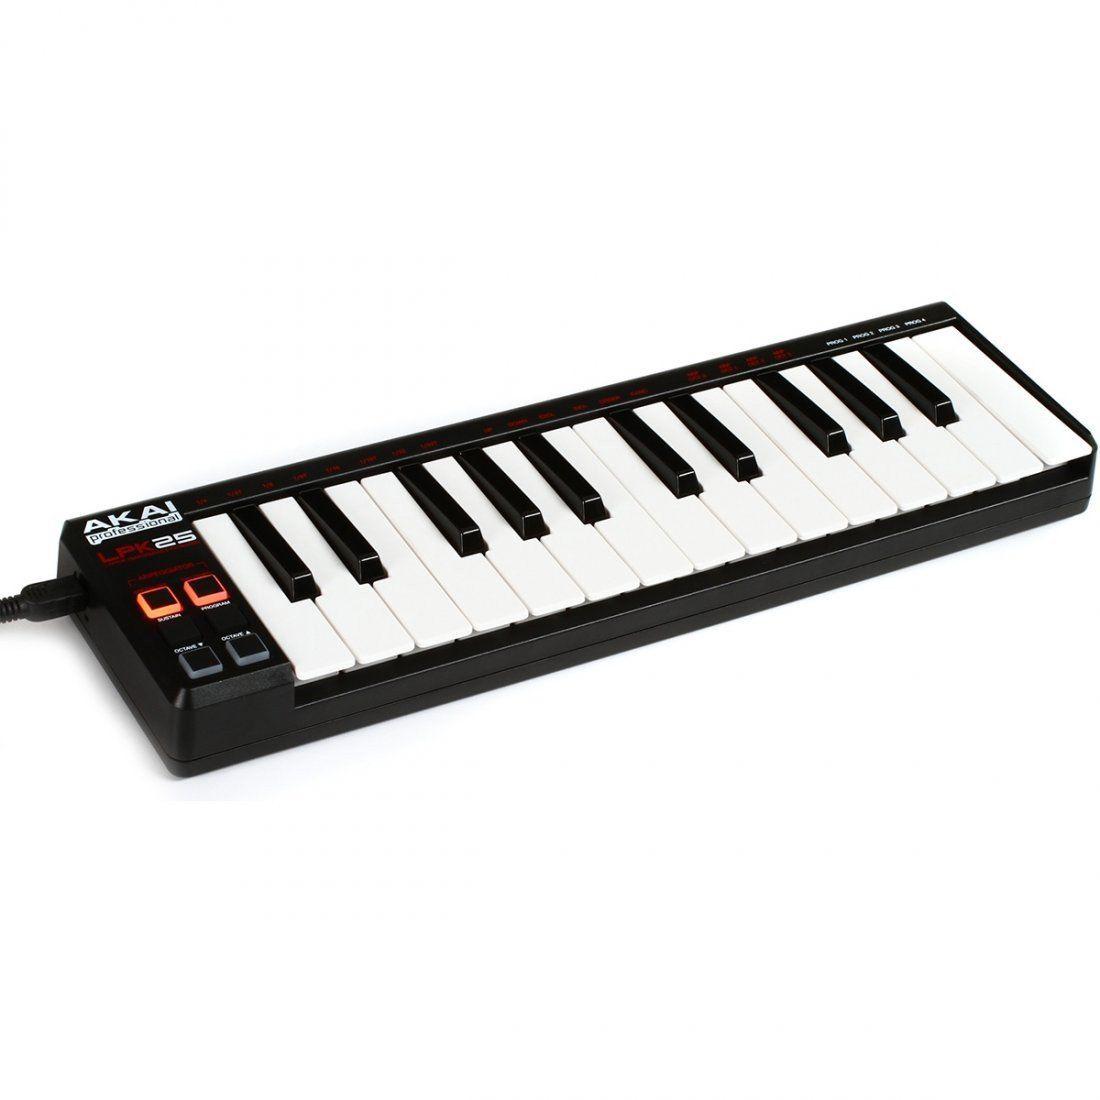 Akai Midi LPK25 Controladora Teclado 25 Teclas para Produção musical Ableton